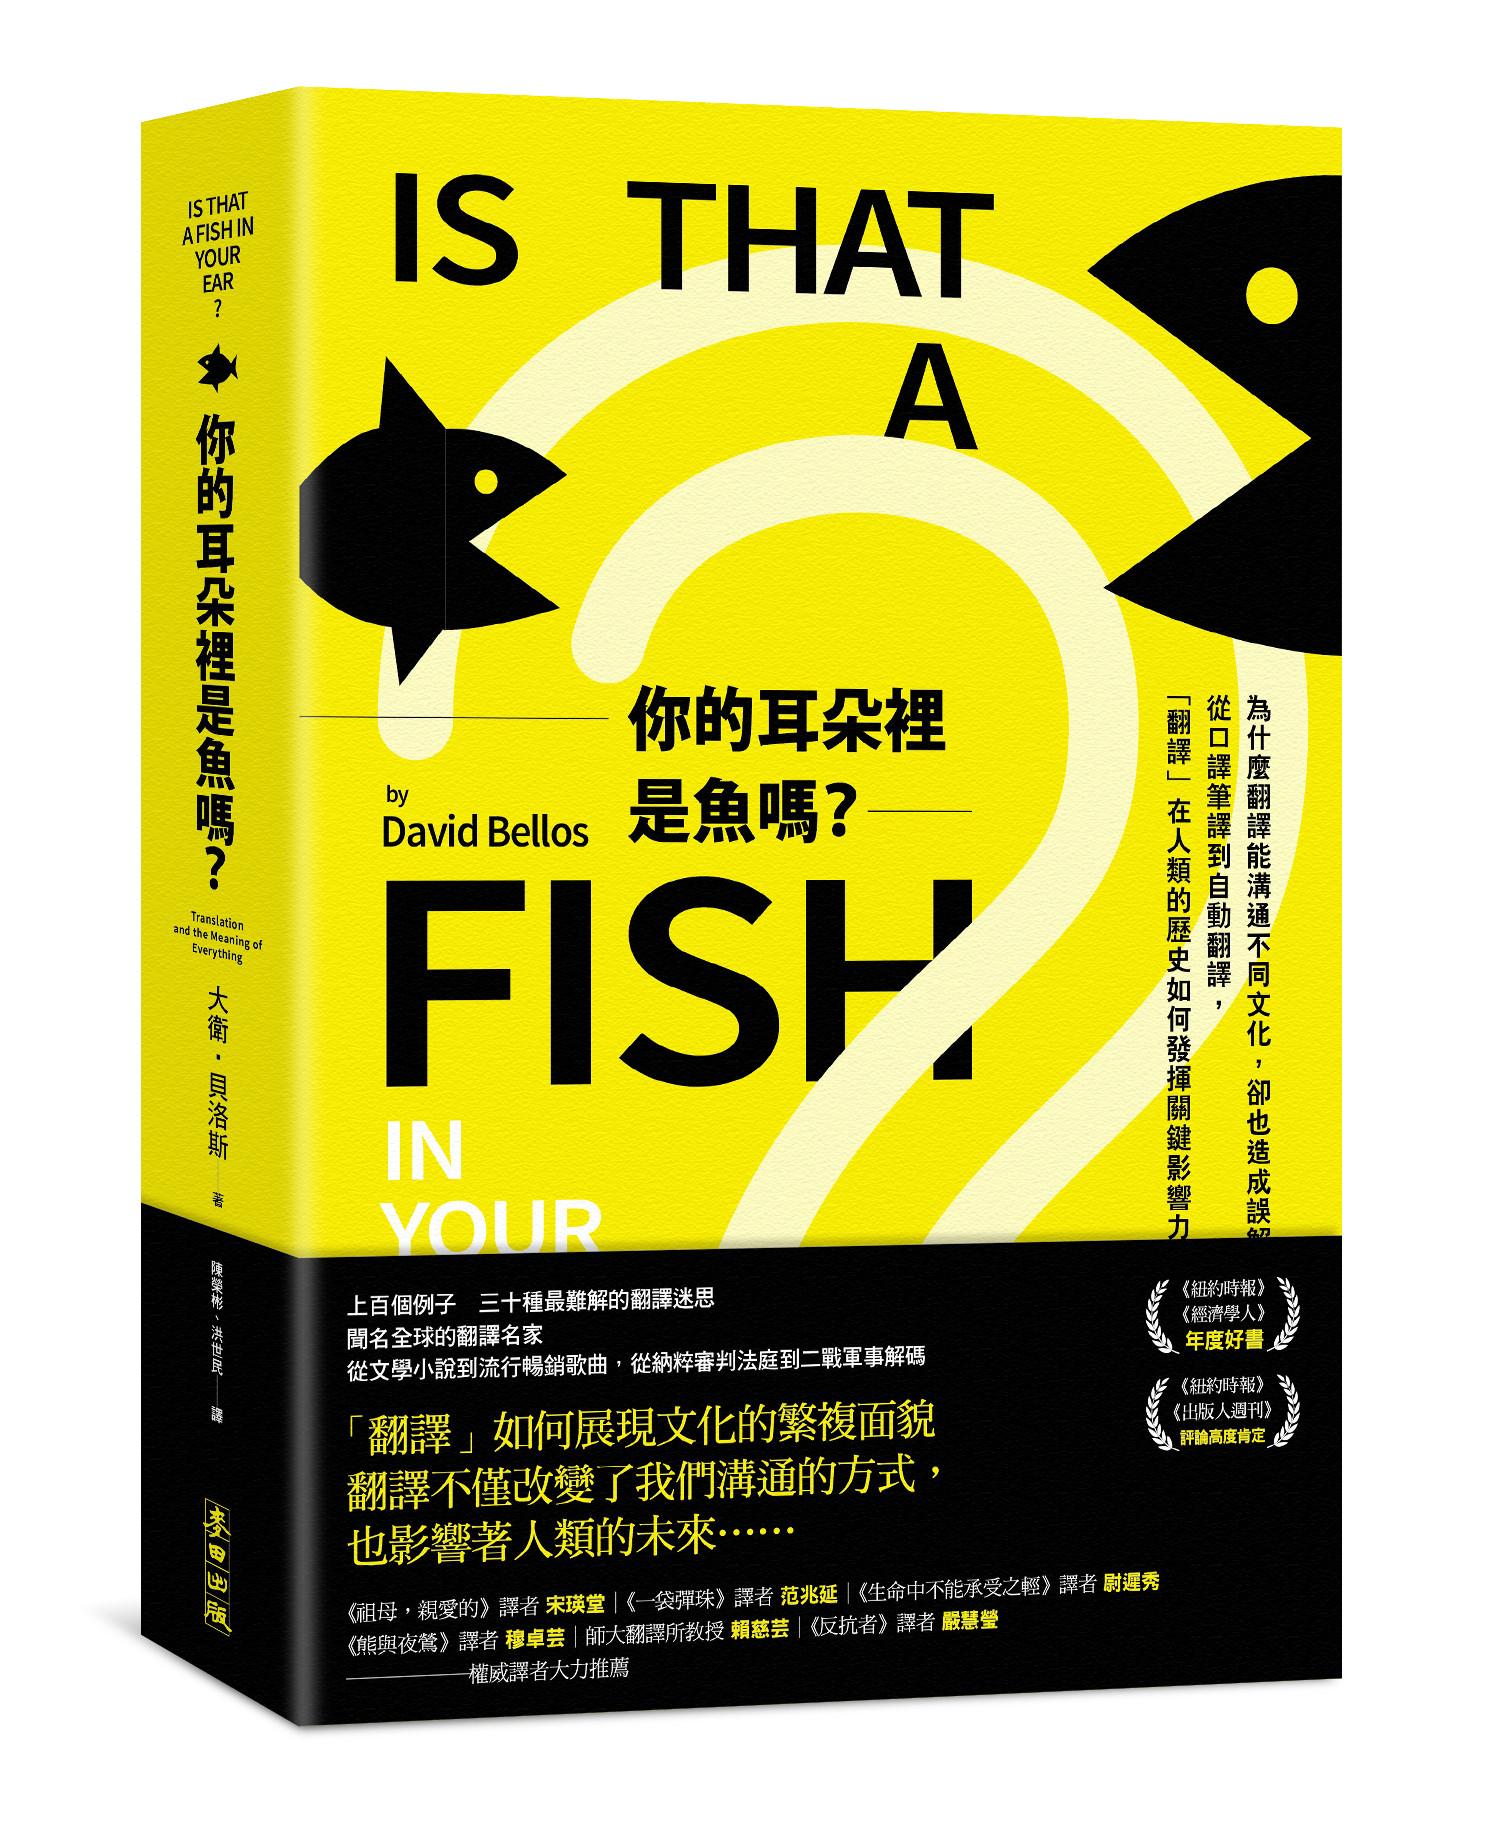 ▲《你的耳朵裡是魚嗎?為什麼翻譯能溝通不同文化,卻也造成誤解?從口譯筆譯到自動翻譯,「翻譯」在人類的歷史如何發揮關鍵影響力》。(圖/麥田出版提供)